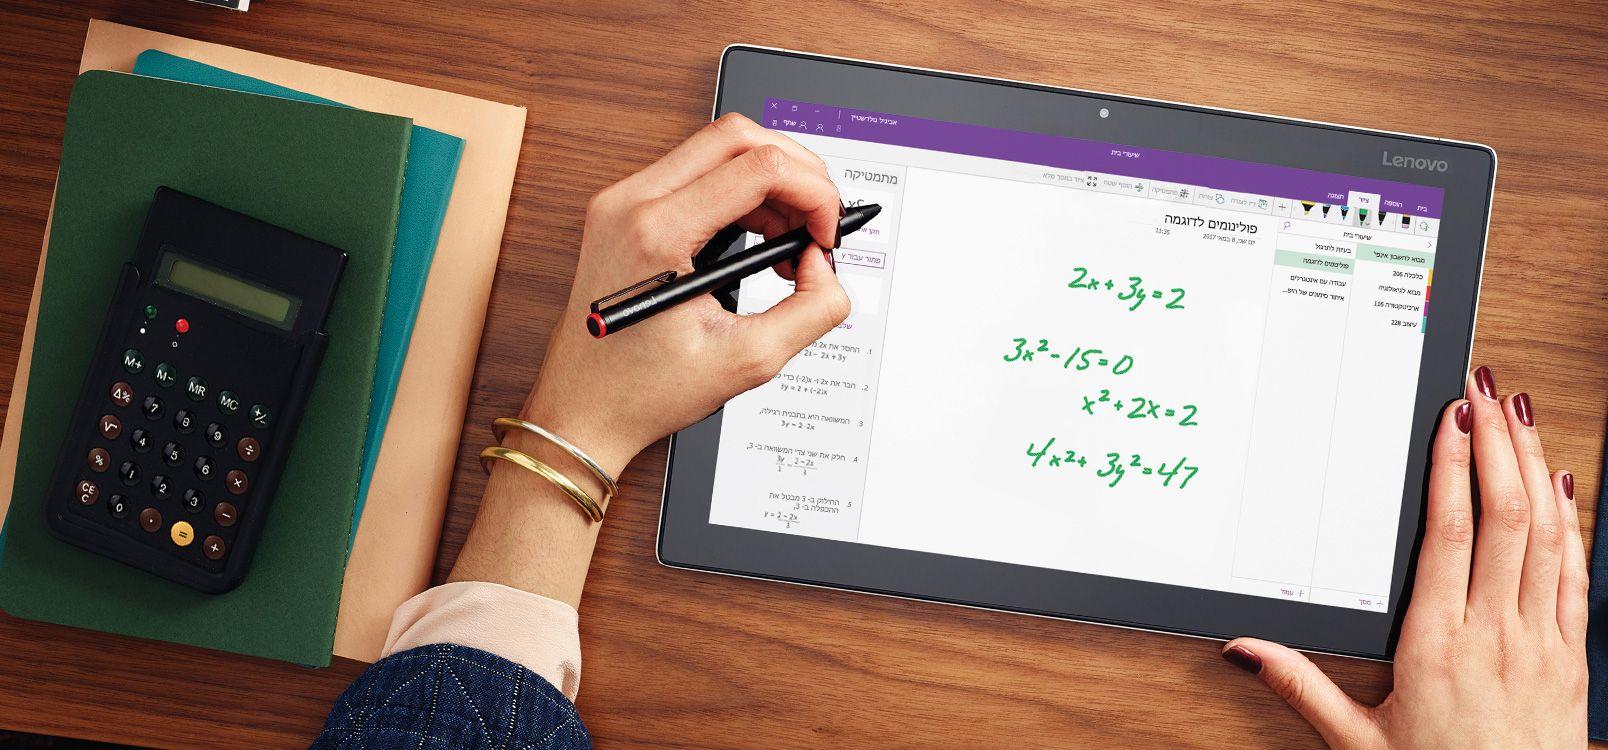 מסך Tablet שמציג קובץ OneNote המשתמש במסייע דיו למתמטיקה